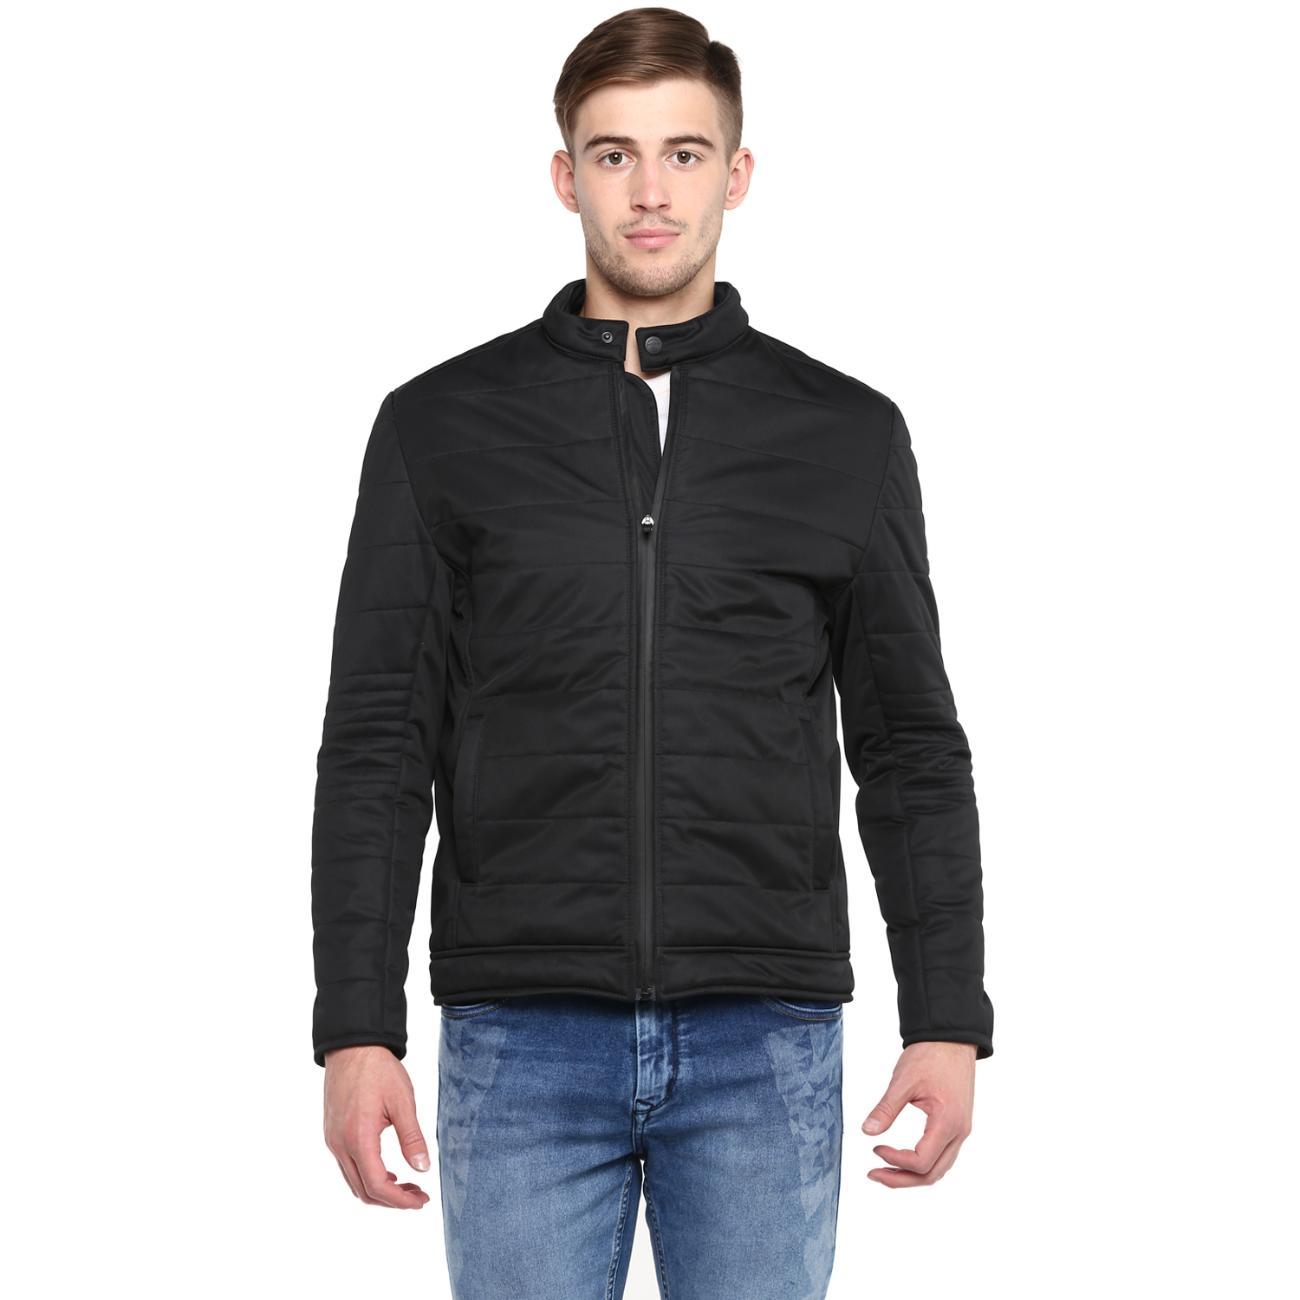 Buy Black Quilted Jacket For Men